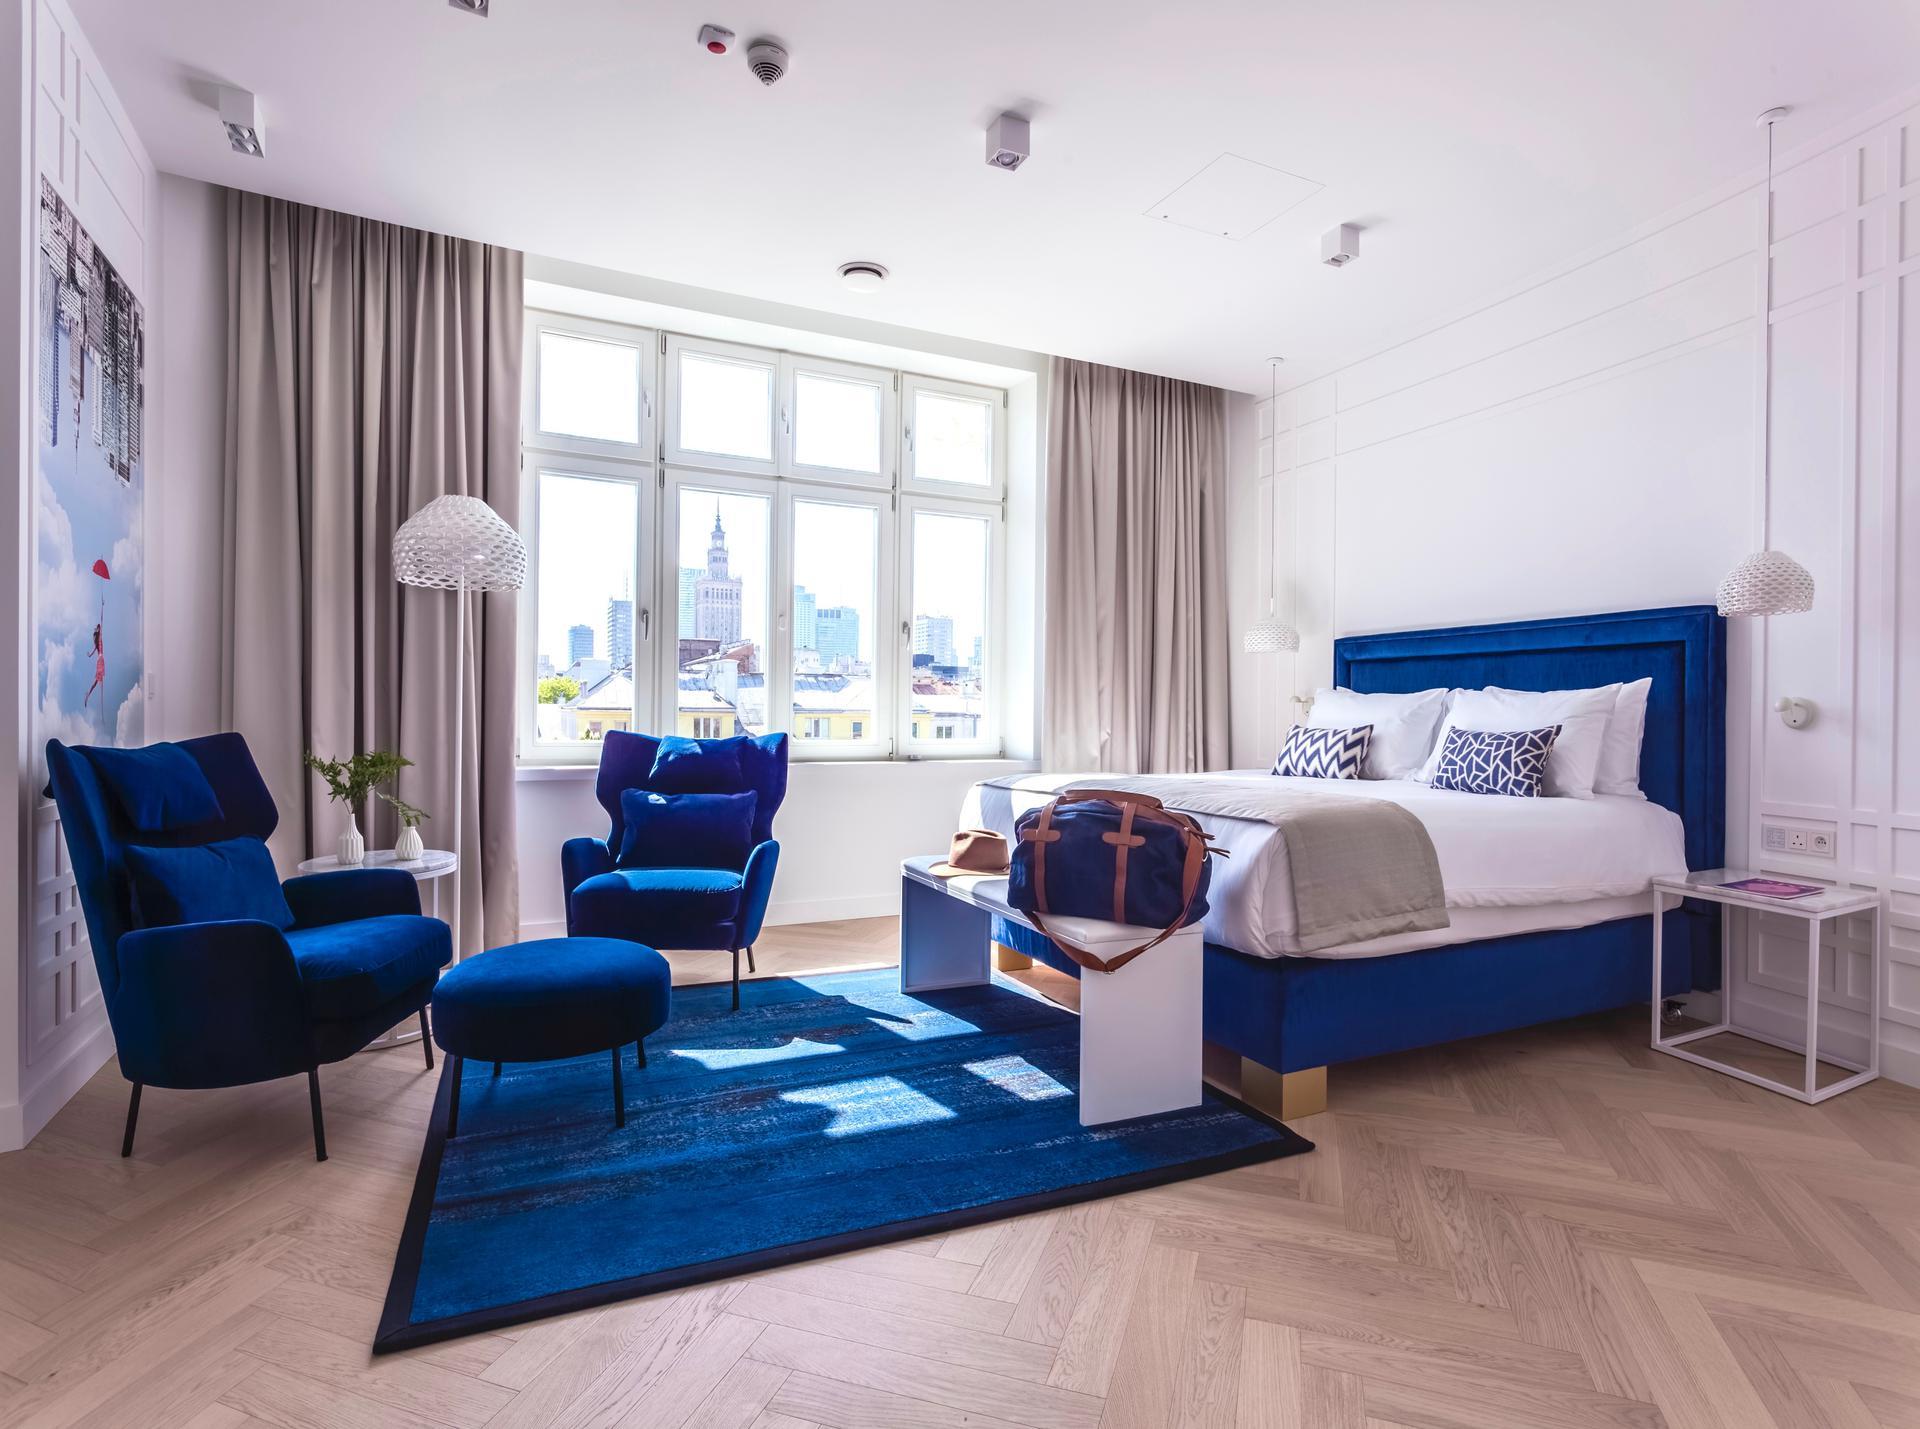 2_Kaldewei_Hotel_Indigo_Warsaw_Doppelzimmer